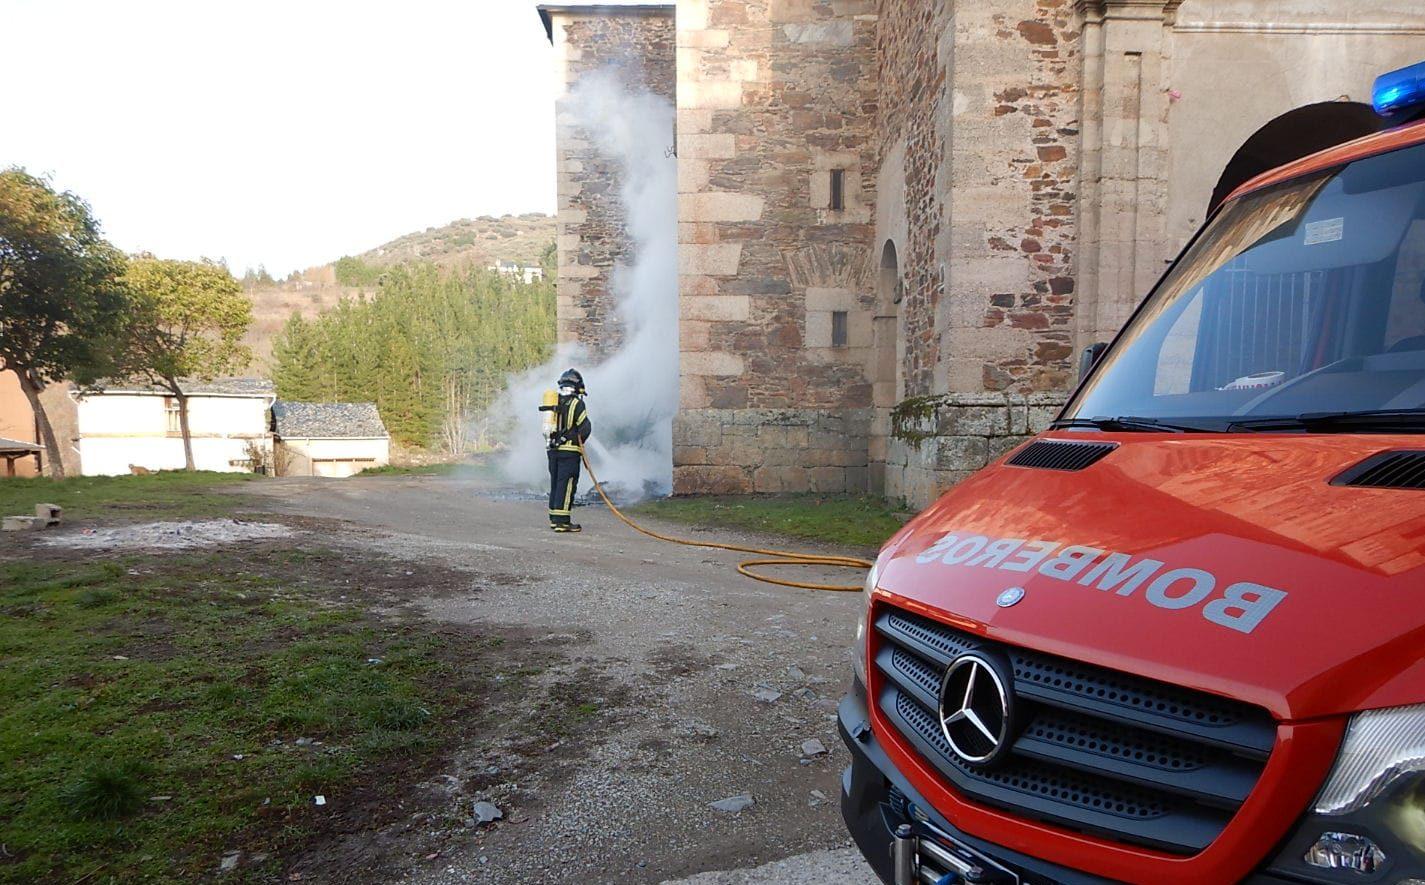 Ponferrada propone a la Diputación un convenio transitorio sobre el parque de bomberos que asciende a 650.000 euros 1